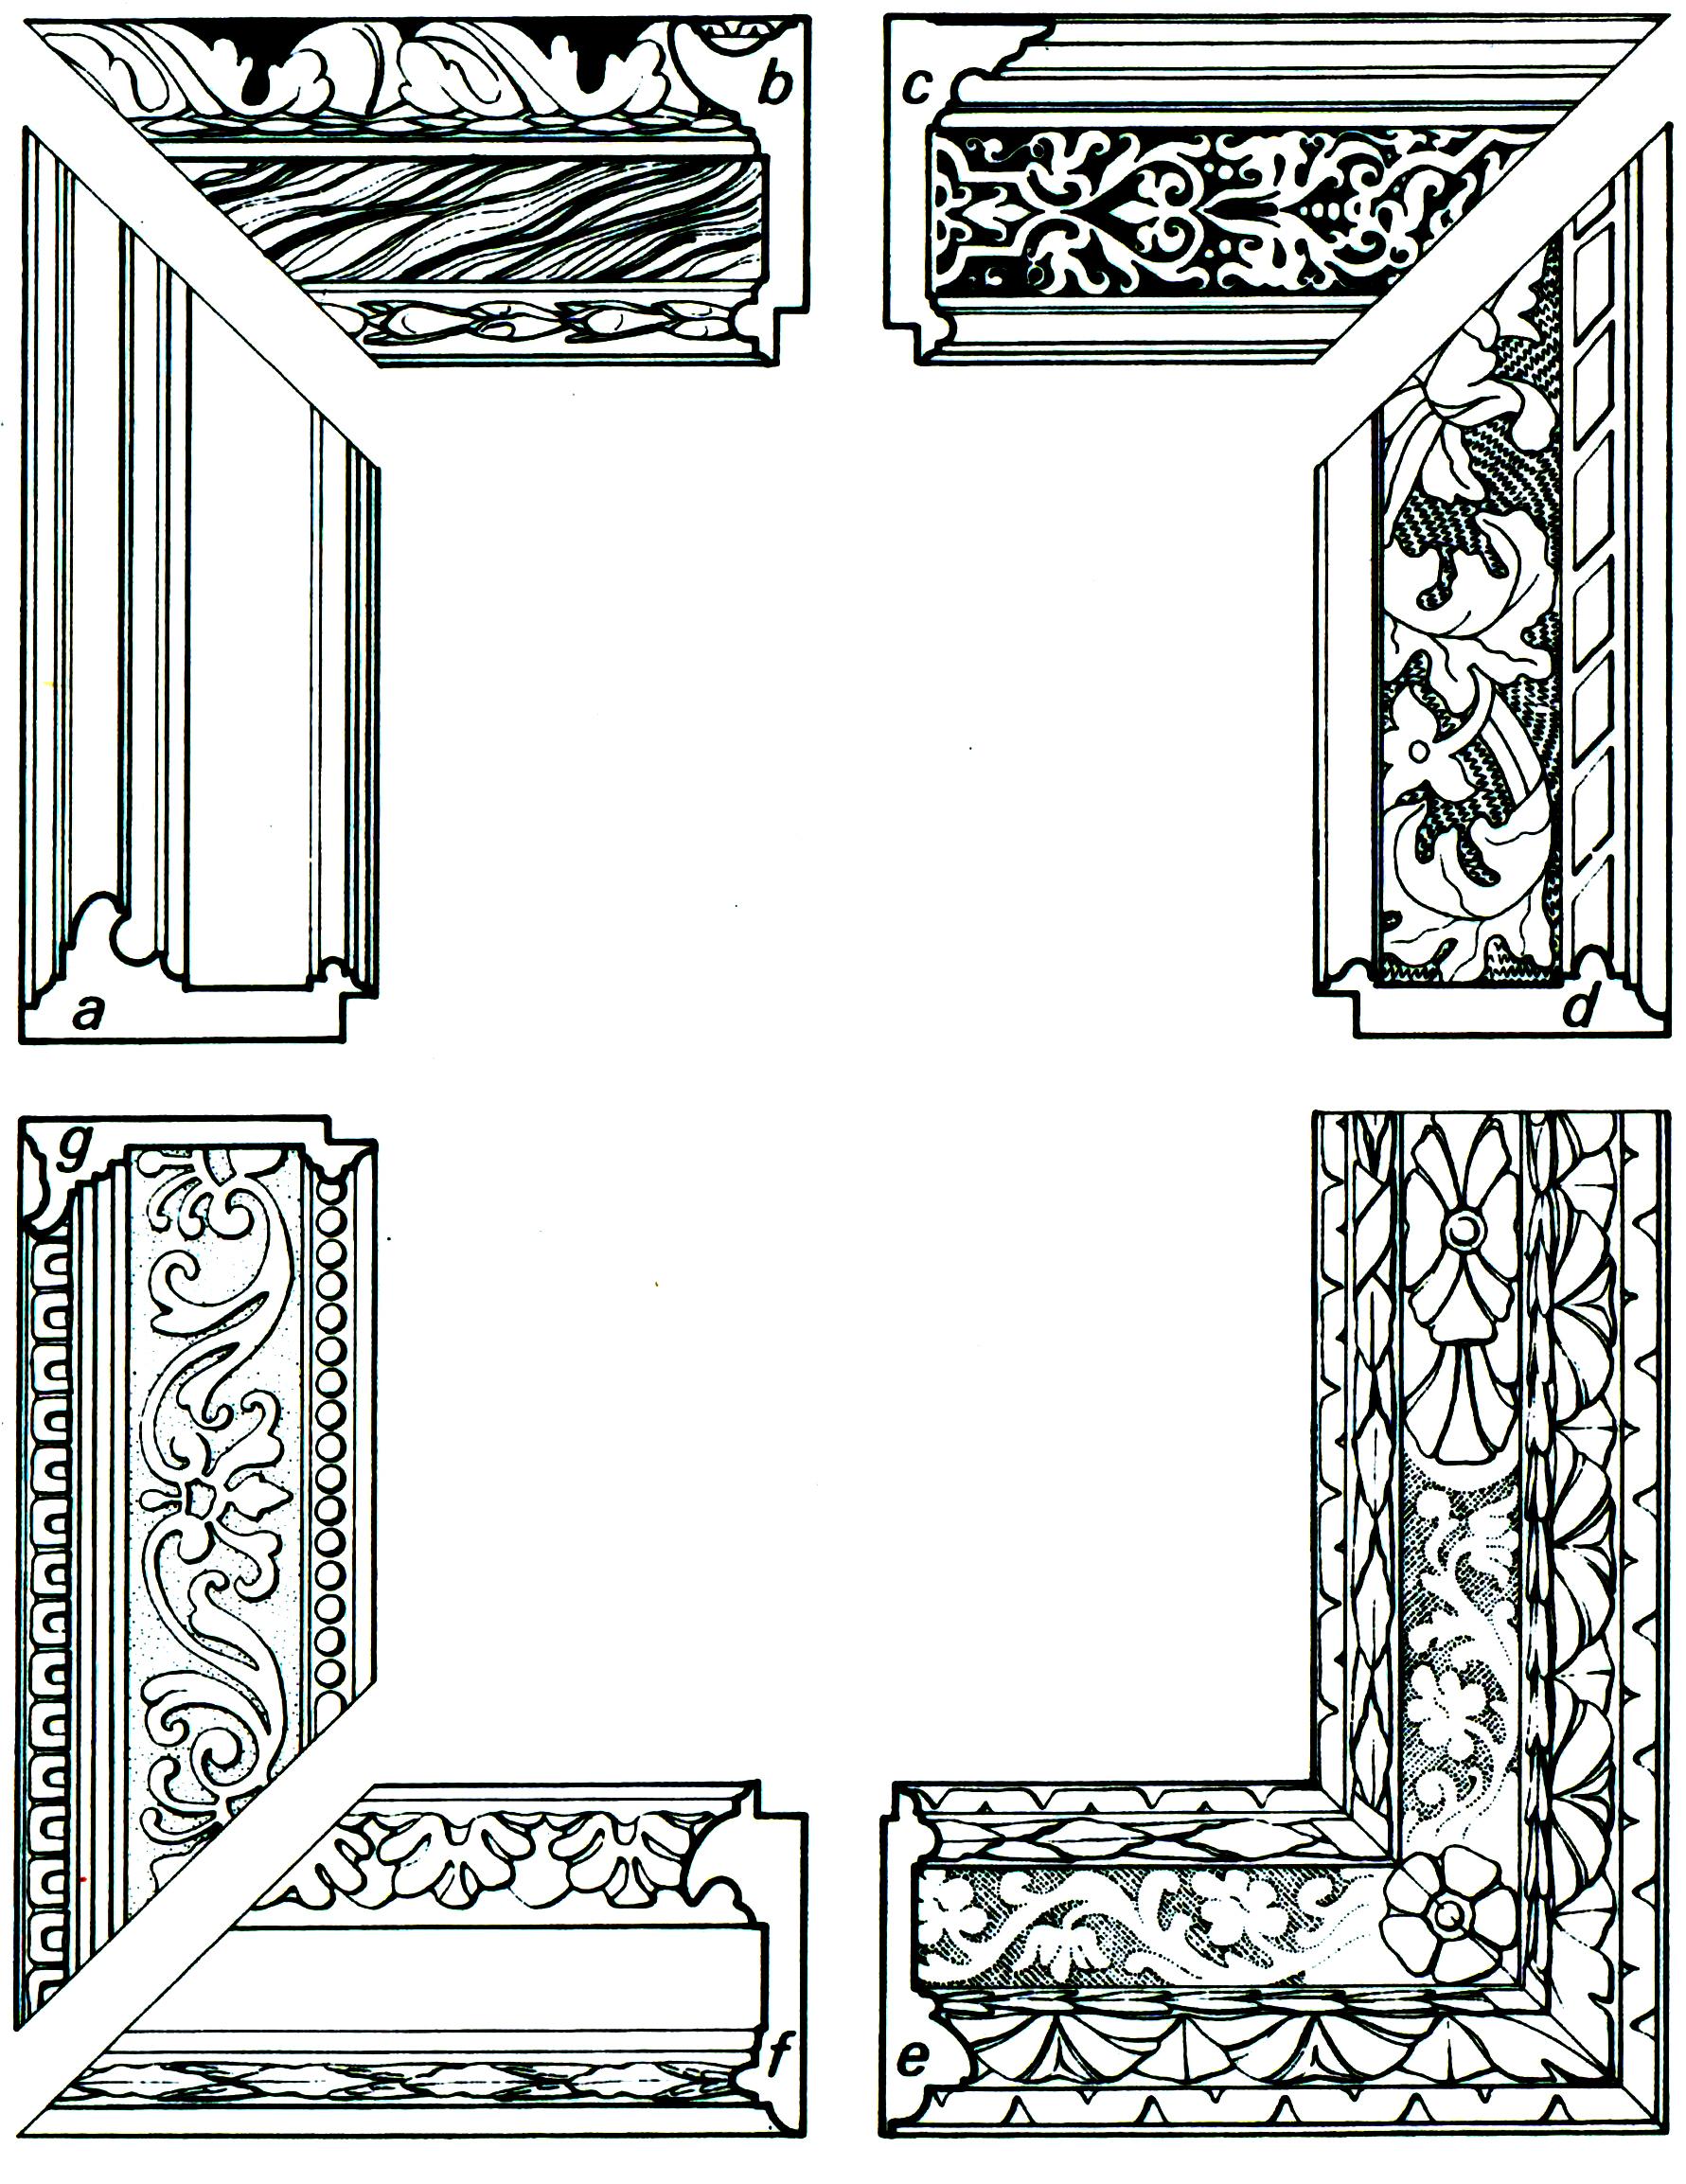 Рис.13 Итальянская рама cassetta со сплошным узором